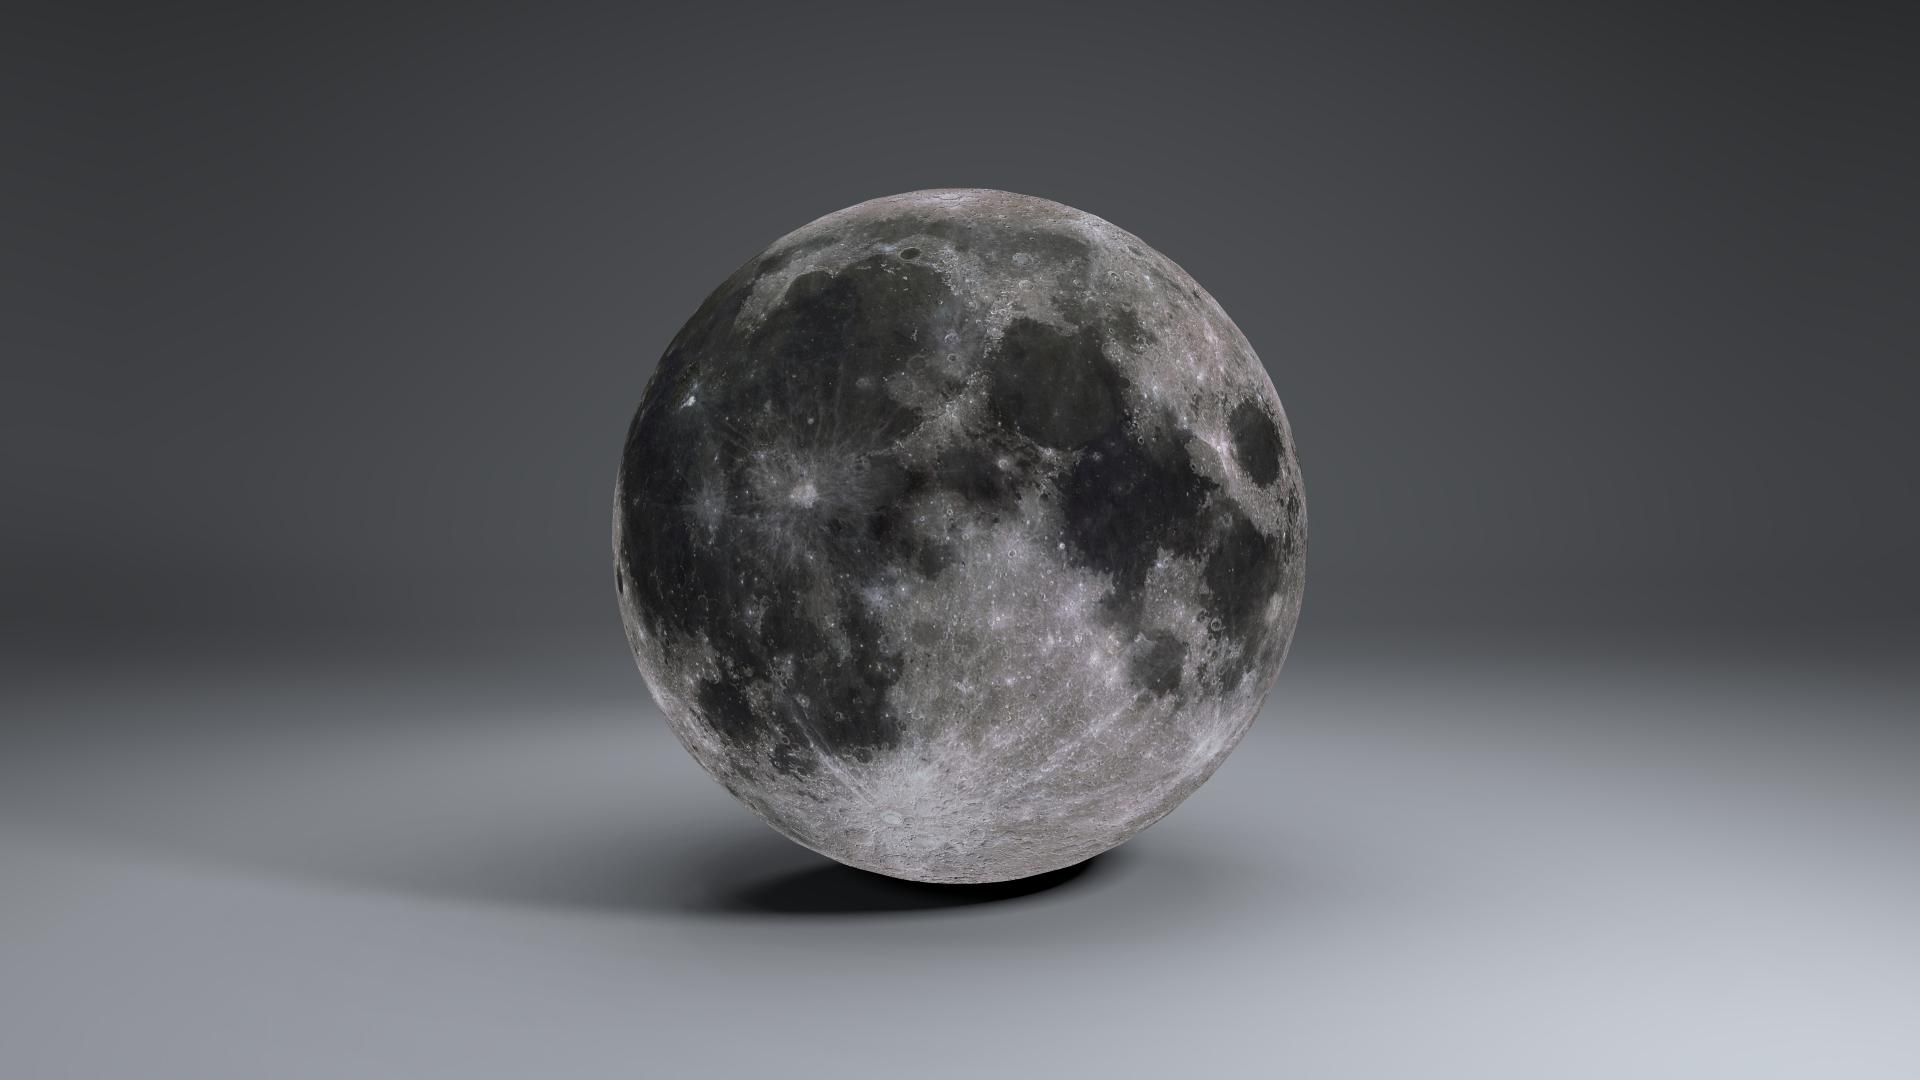 MoonGlobe 4k 3d model 3ds fbx blend dae obj 221760